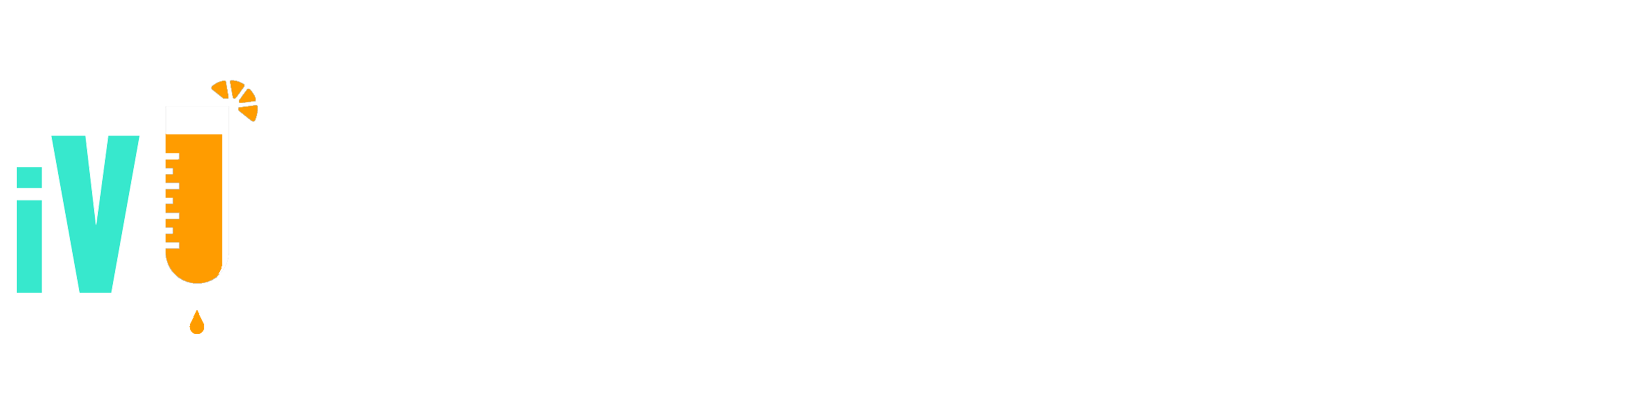 Main iV Bars Indianapolis Indiana logo white